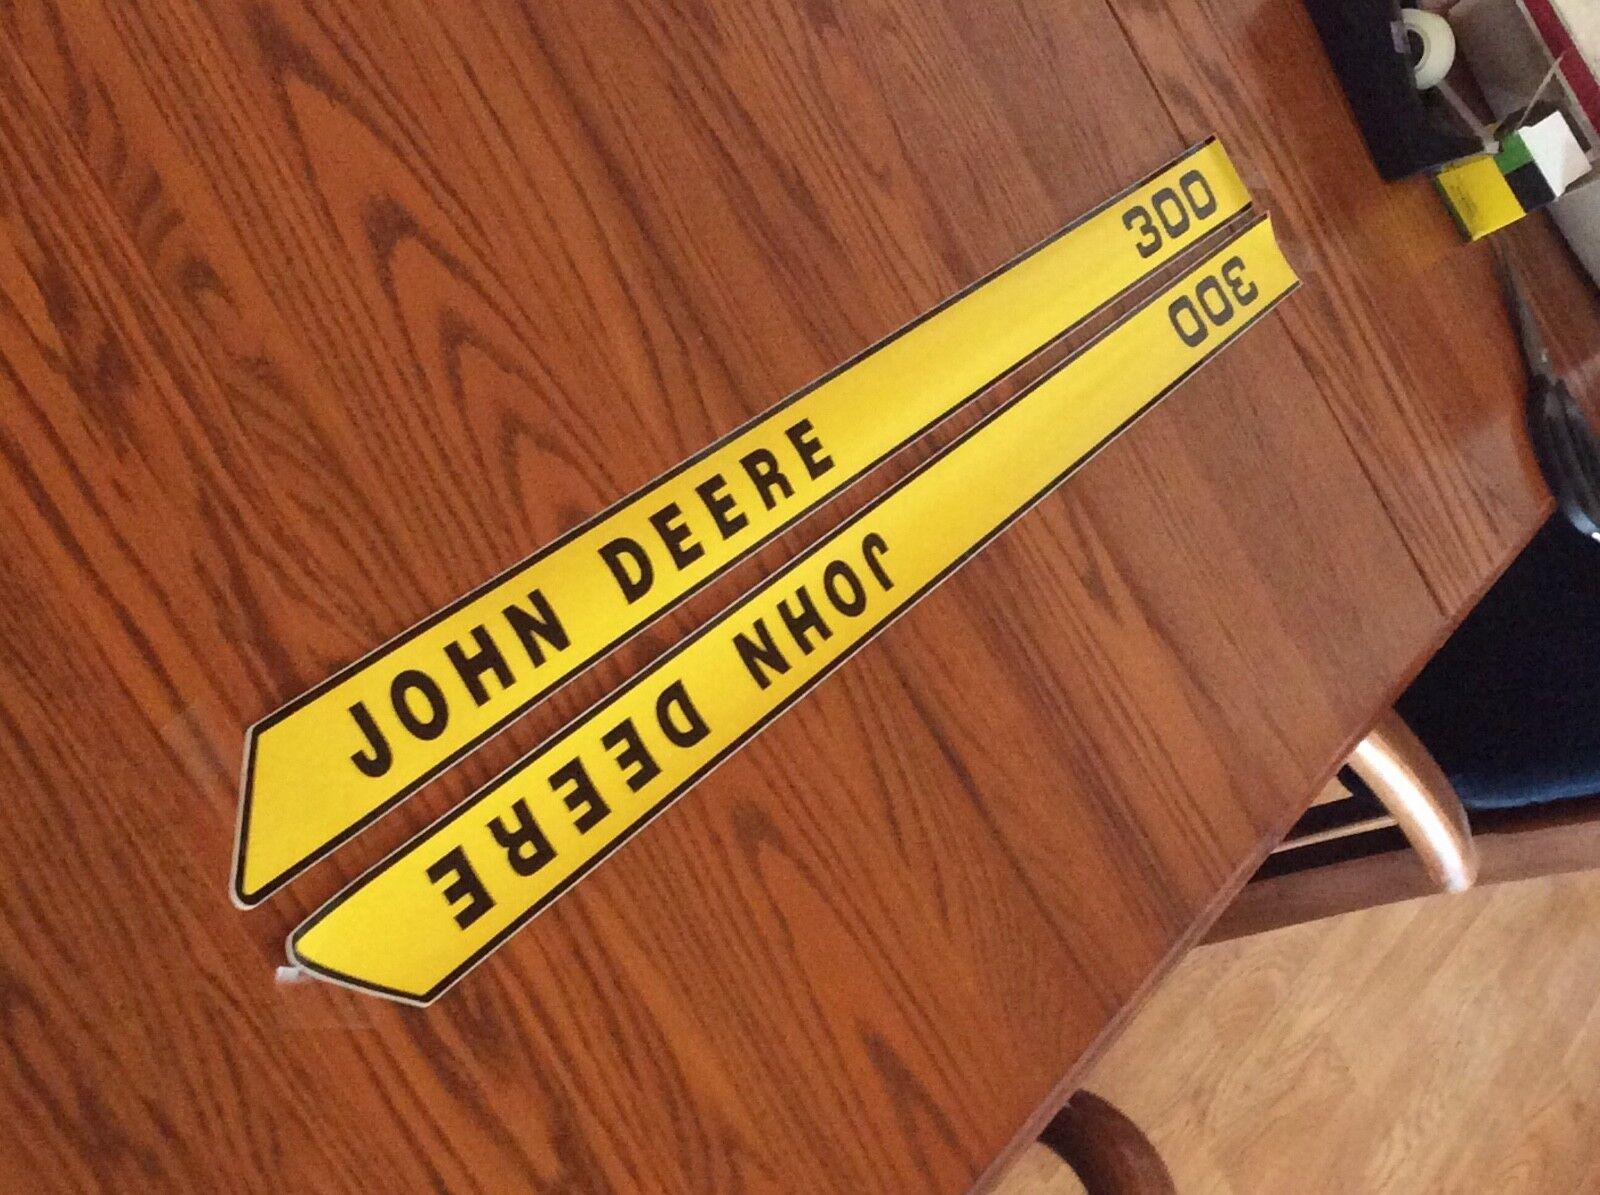 John Deere Nuevo 300 calcomanías de campana